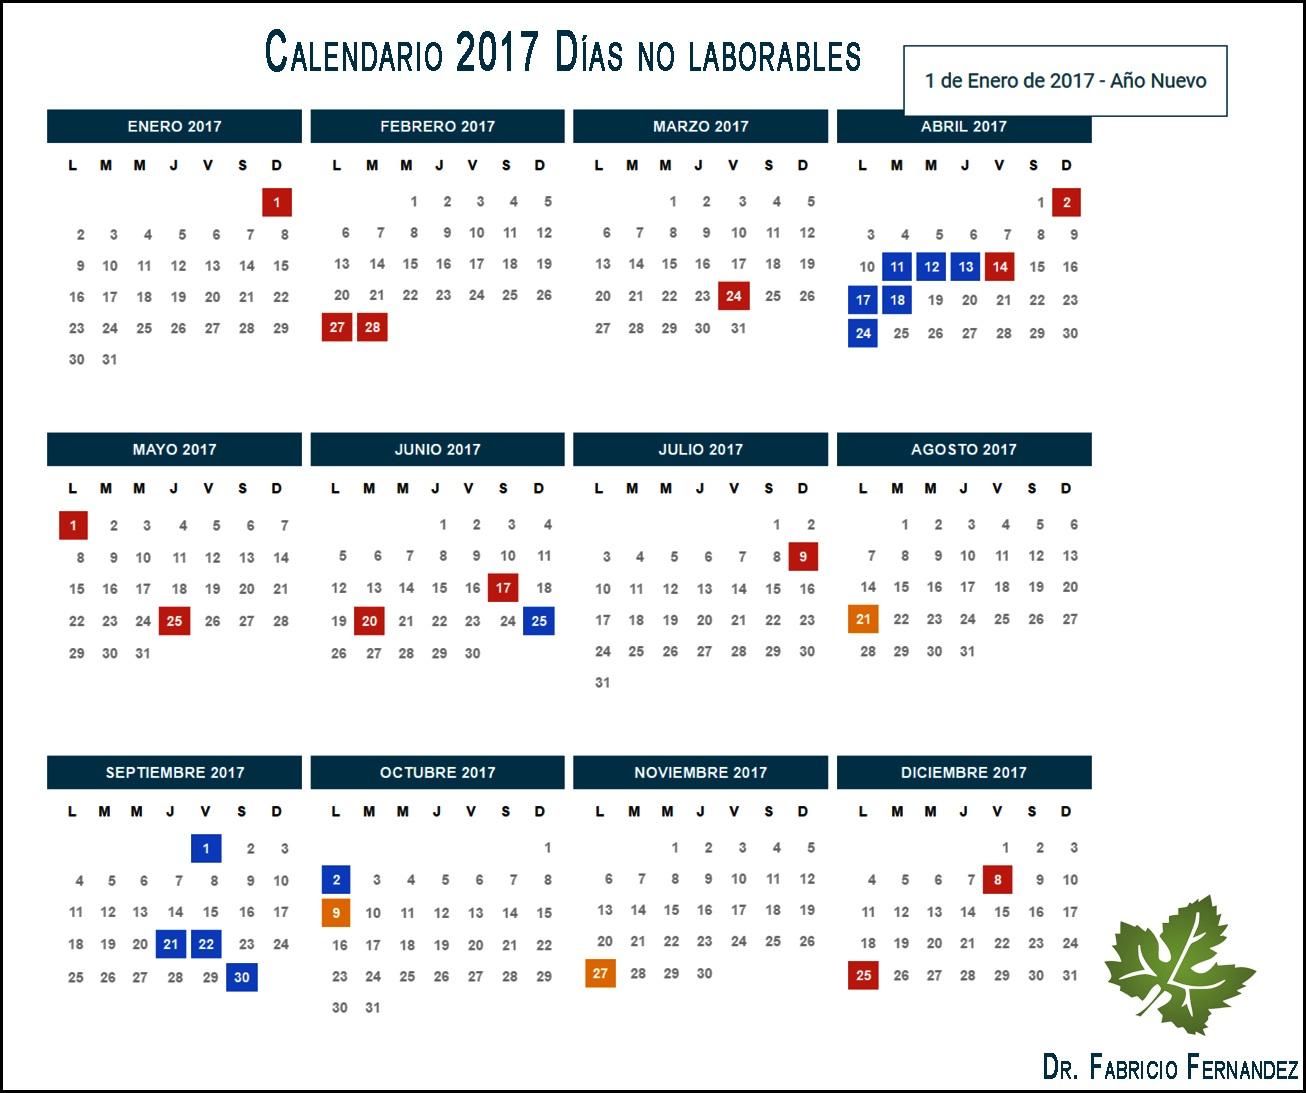 calendario 2017 feriados en argentina días no laborables